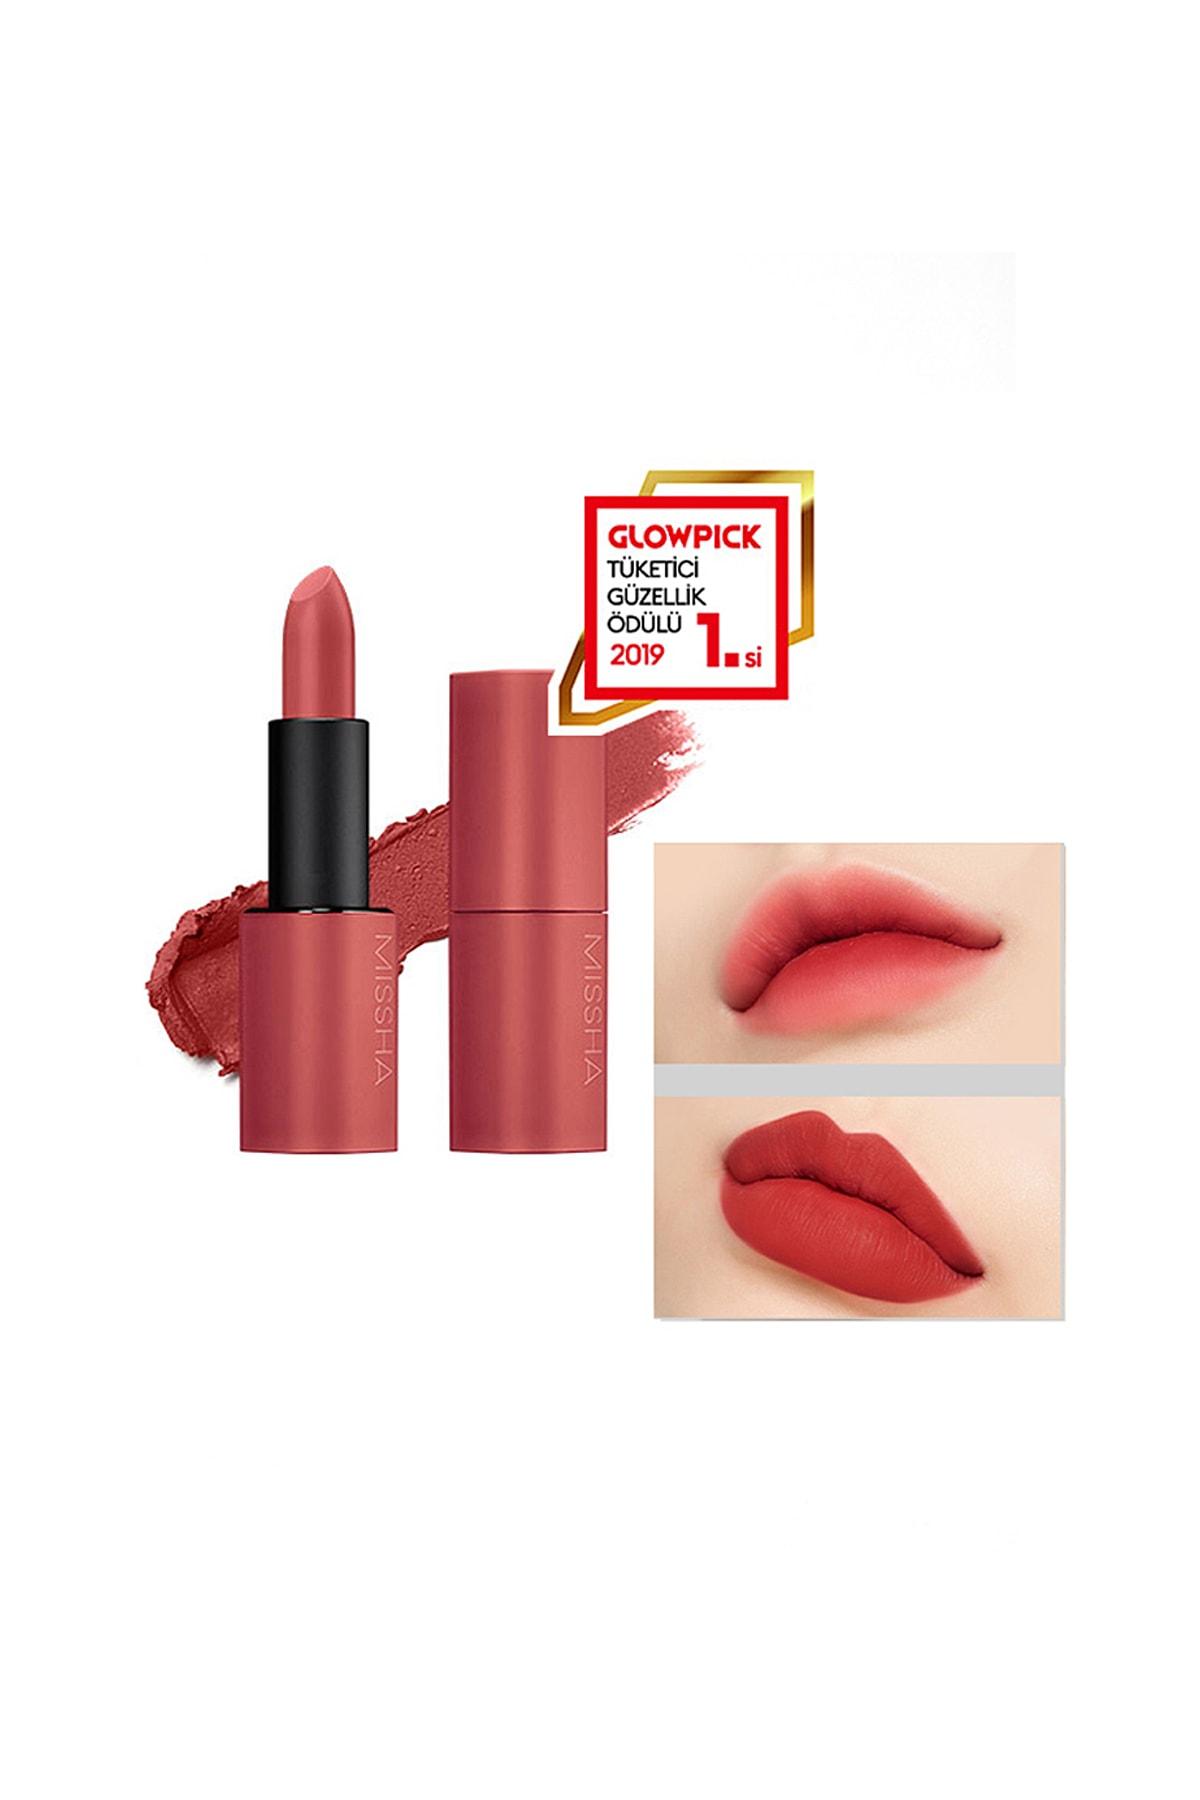 Yoğun Pigmentli Besleyici Kadife Dokulu Mat Ruj Dare Rouge (Velvet/No.28 Off the red)